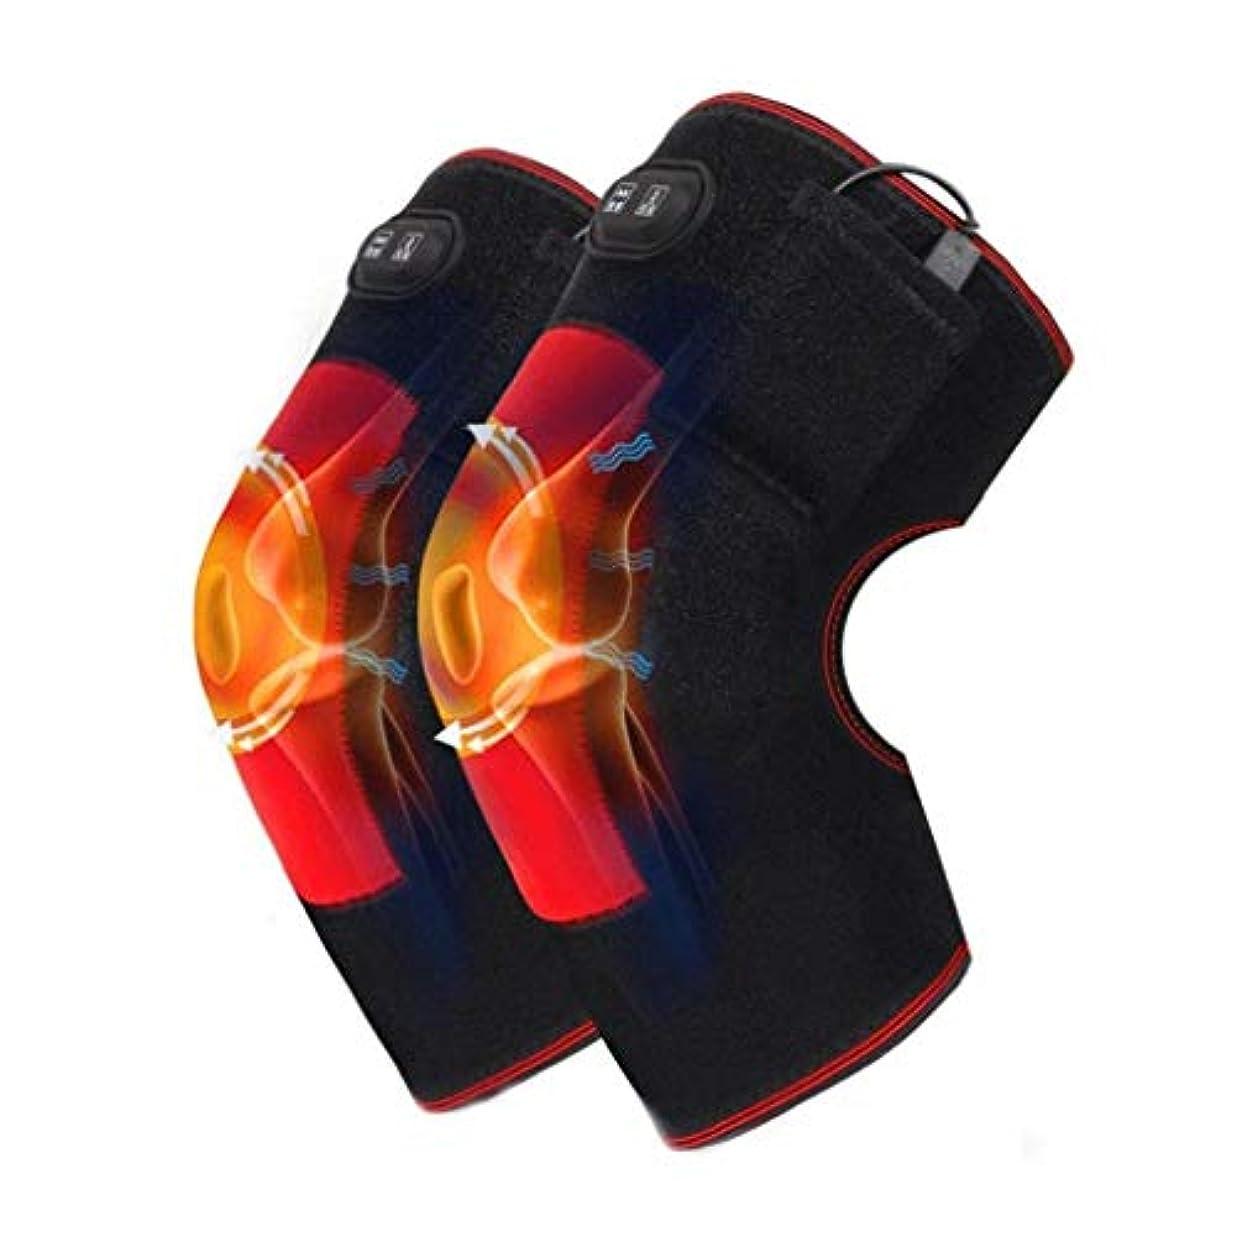 鳩満州億膝圧迫スリーブ、膝巻き式温熱パッド、関節炎、慢性関節痛、腱炎、膝脱臼、涙靭帯を効果的に緩和できる